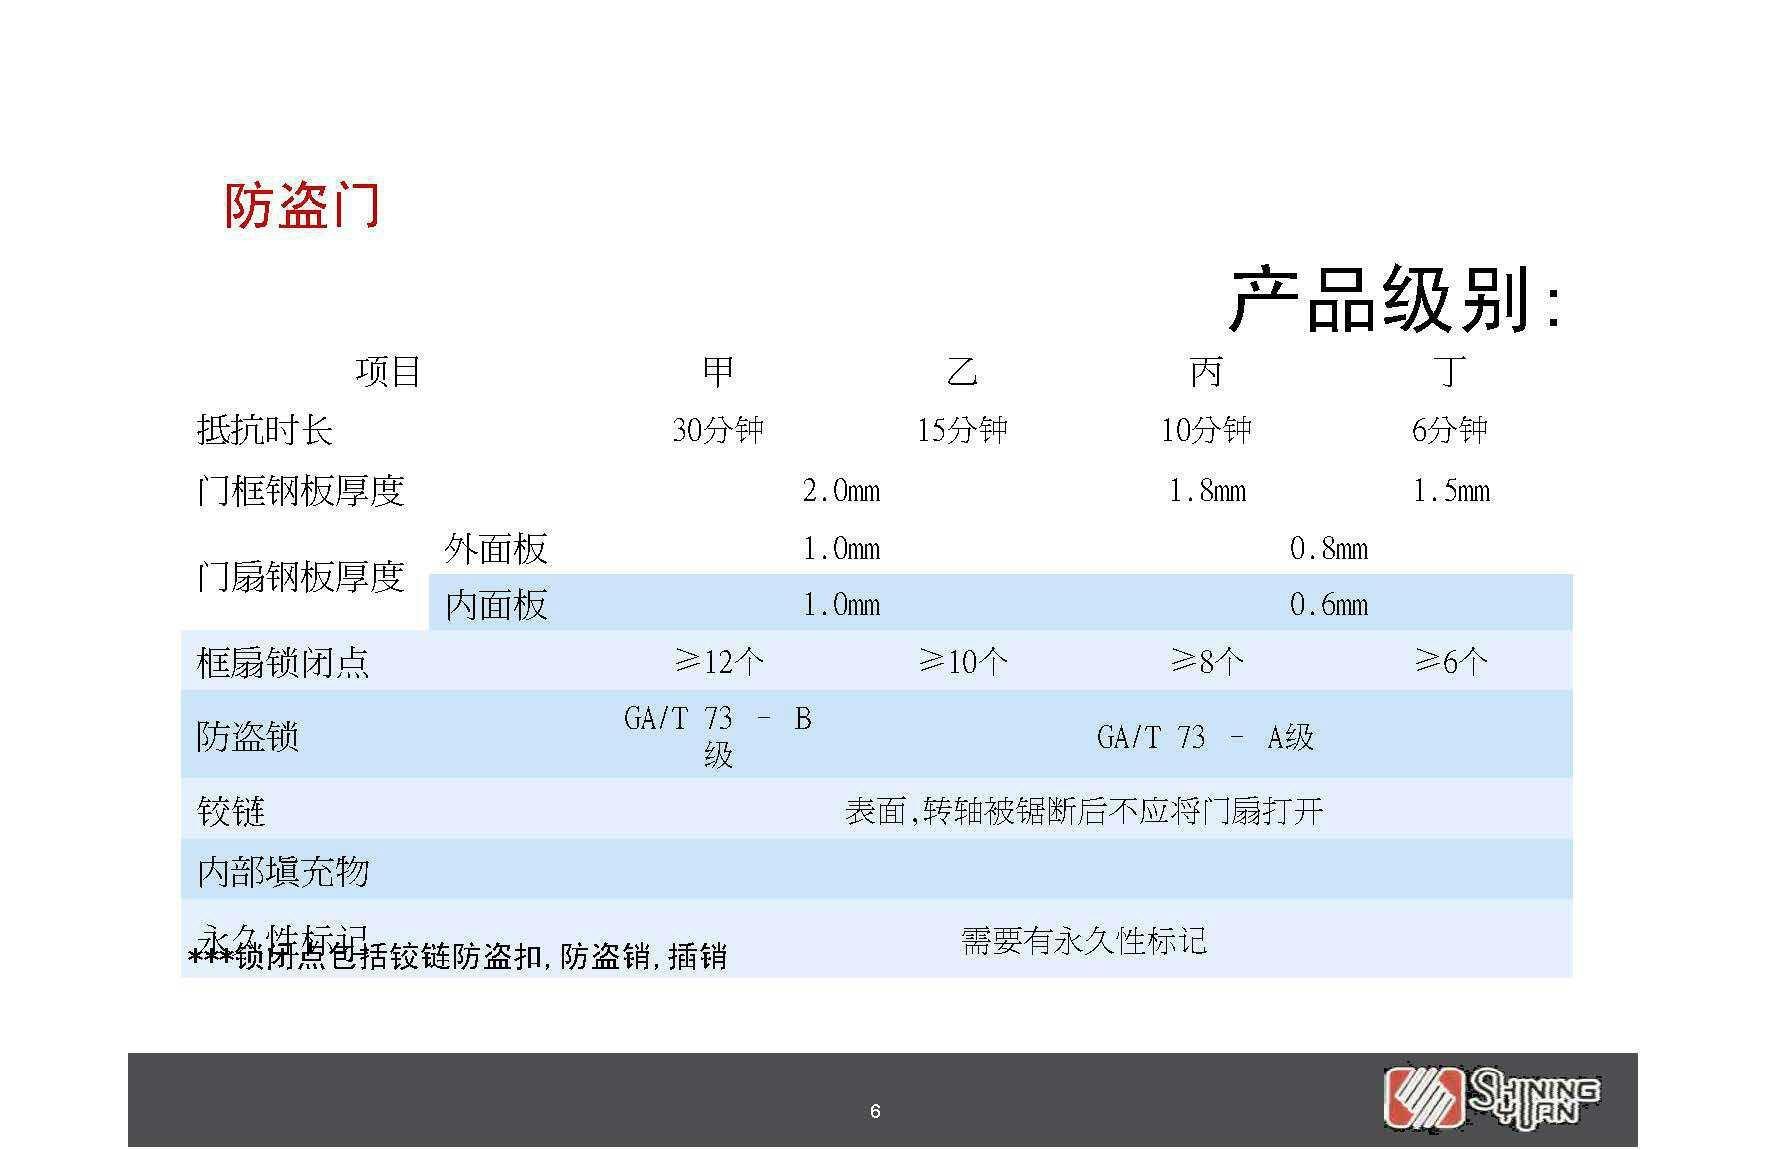 上海軒源非標防盜門 2